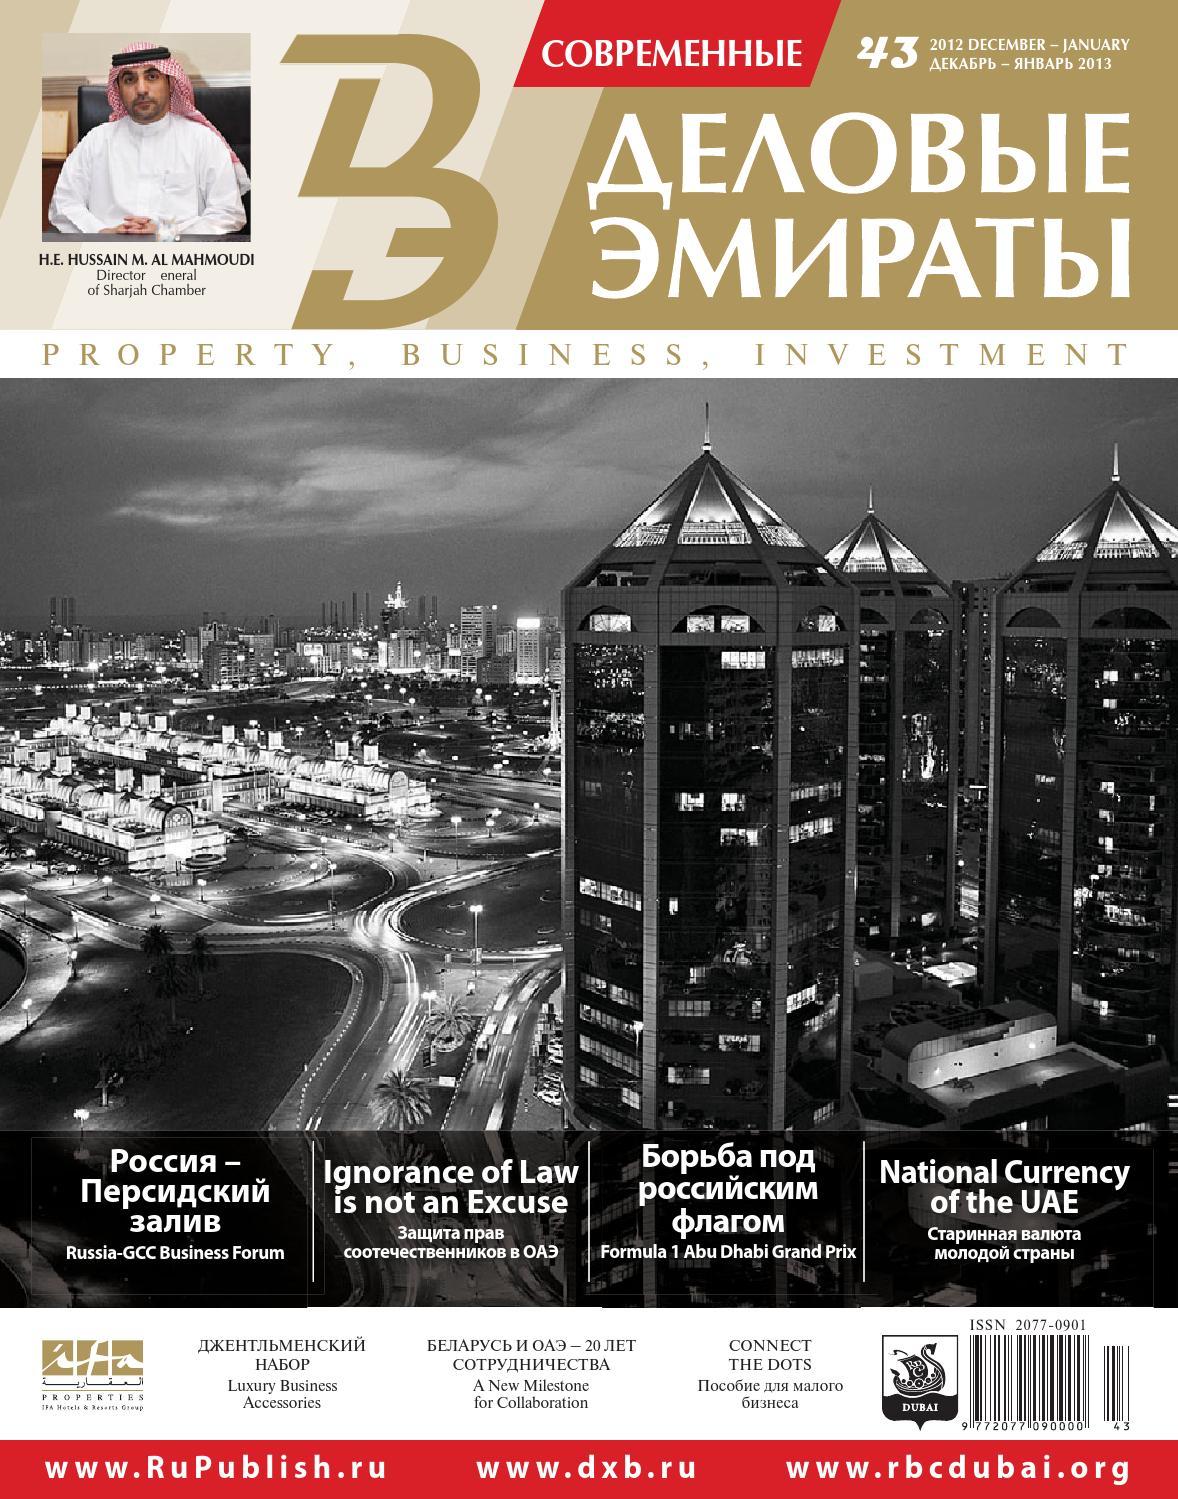 Недвижимость в оаэ 2013 недвижимость дубая цены